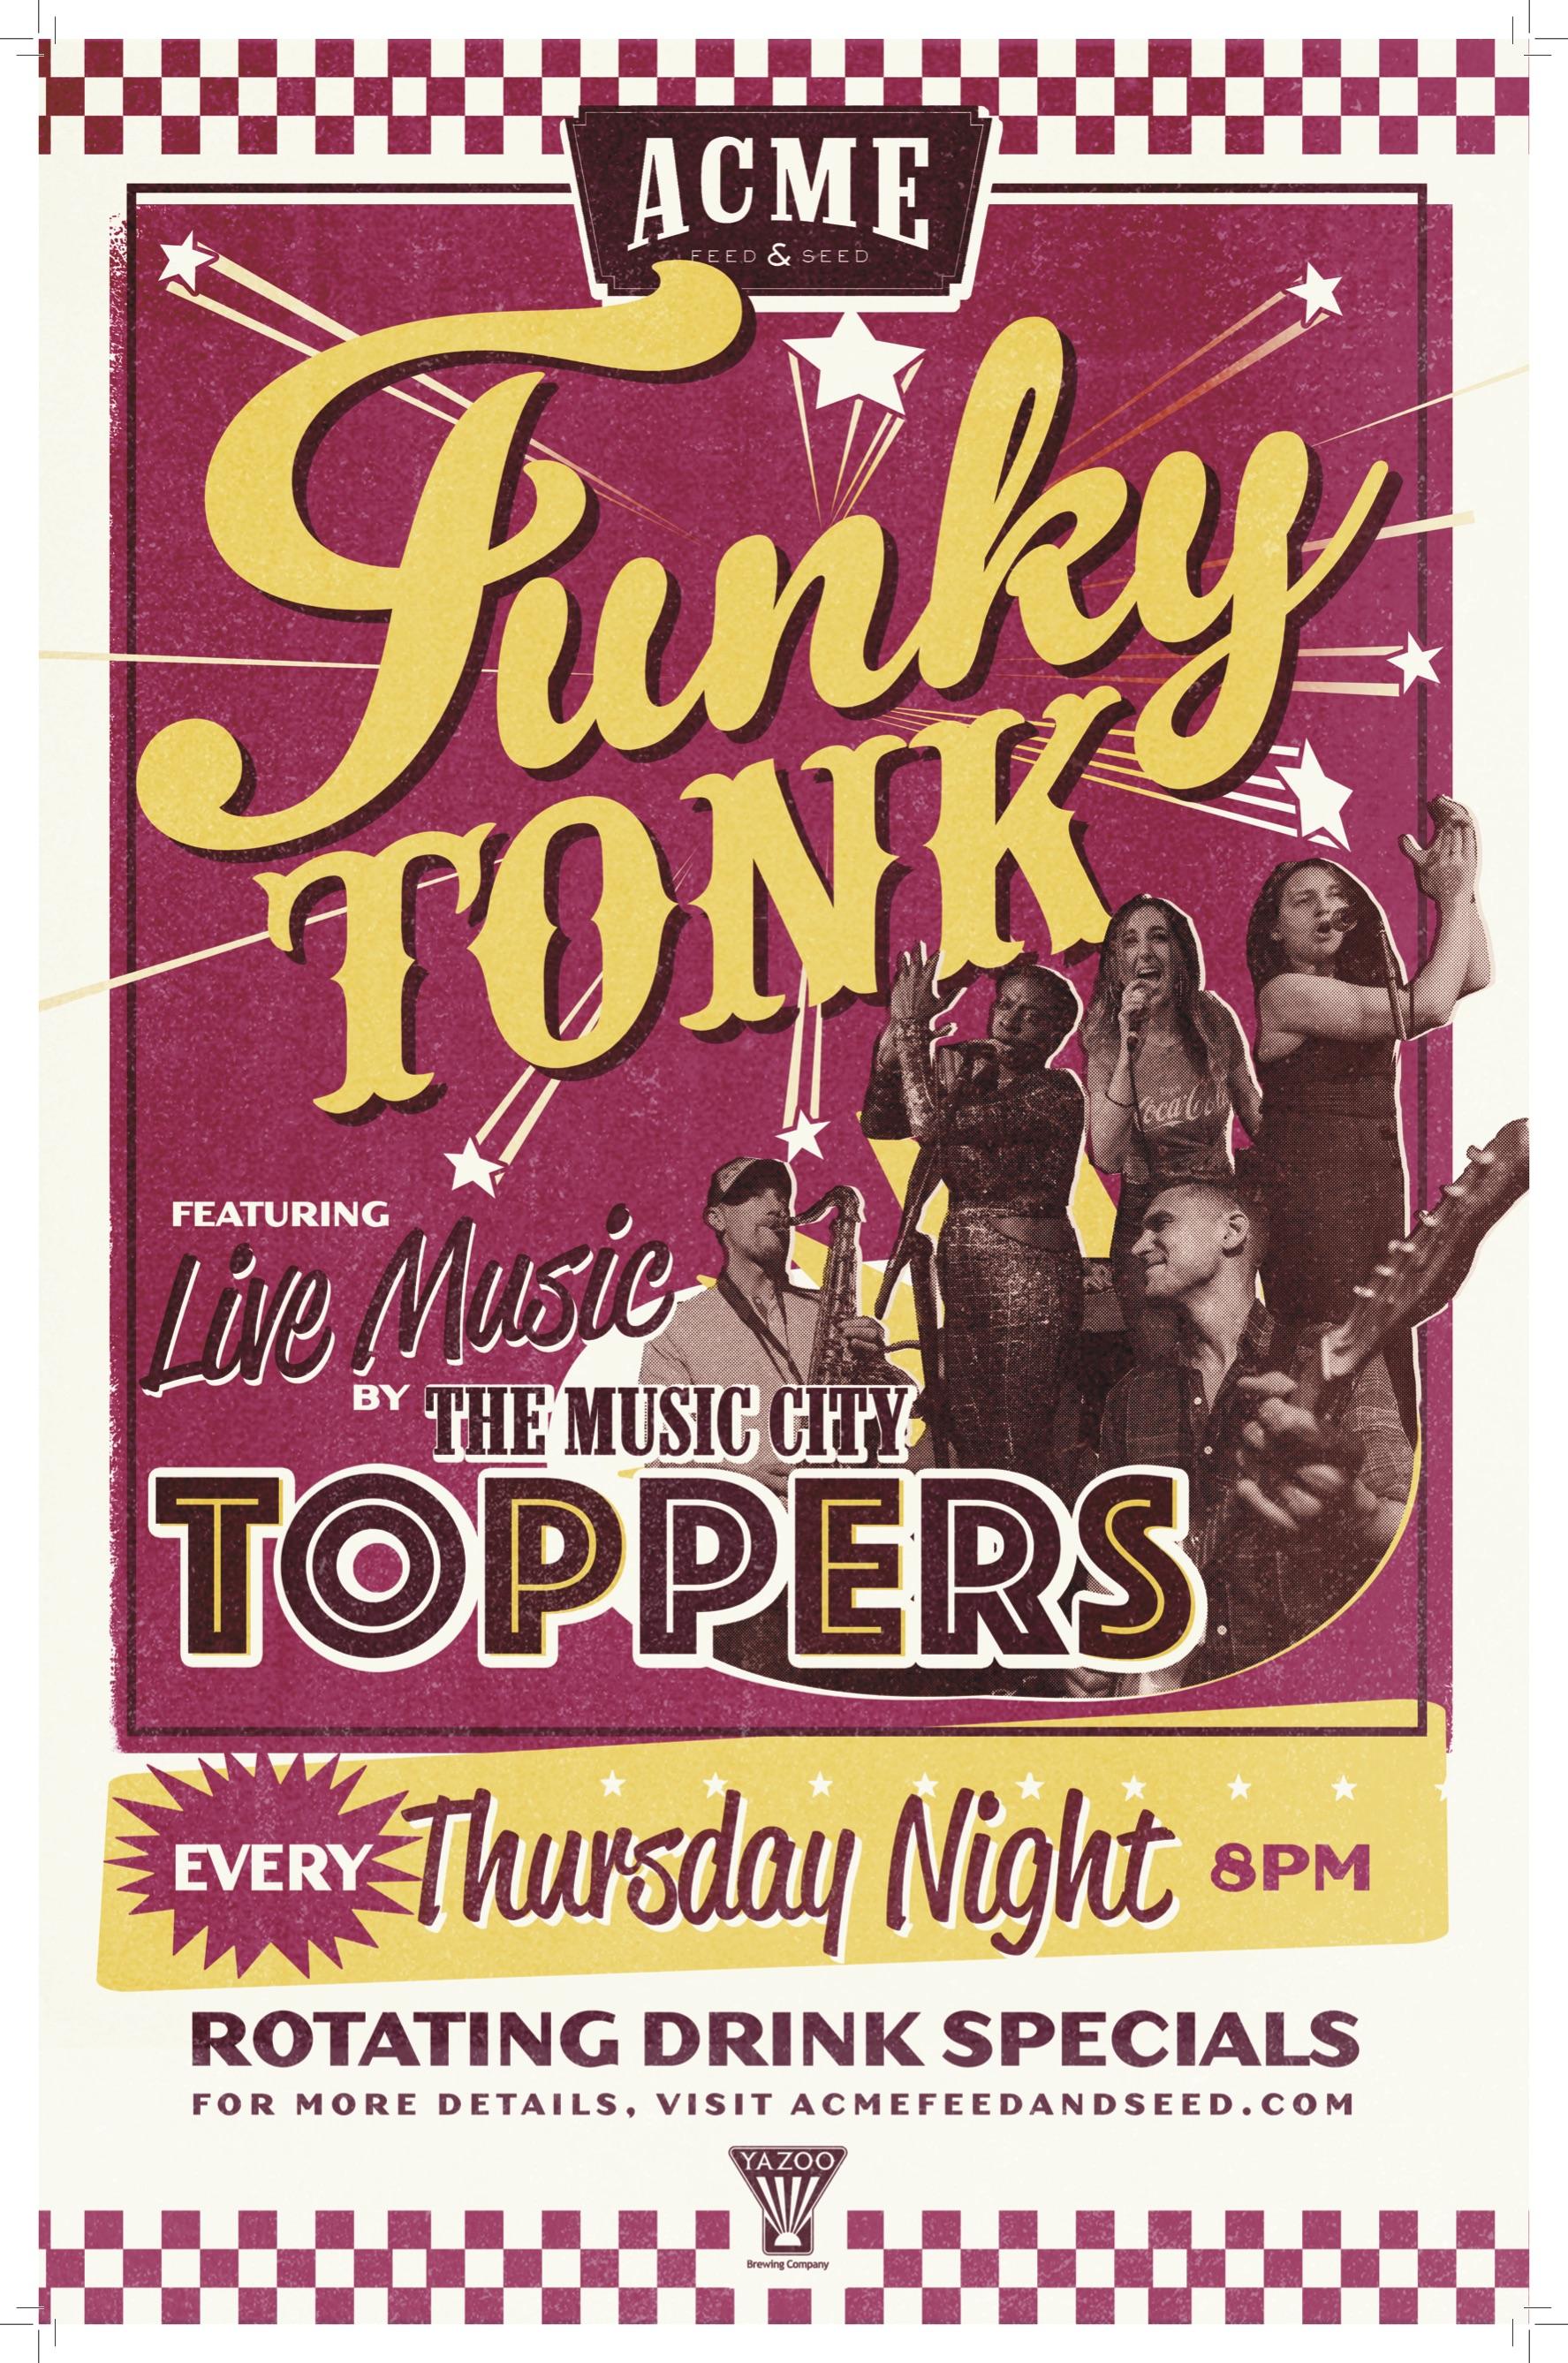 Funky-Tonk_2019 11x17 .125 margin .125bleed.jpg